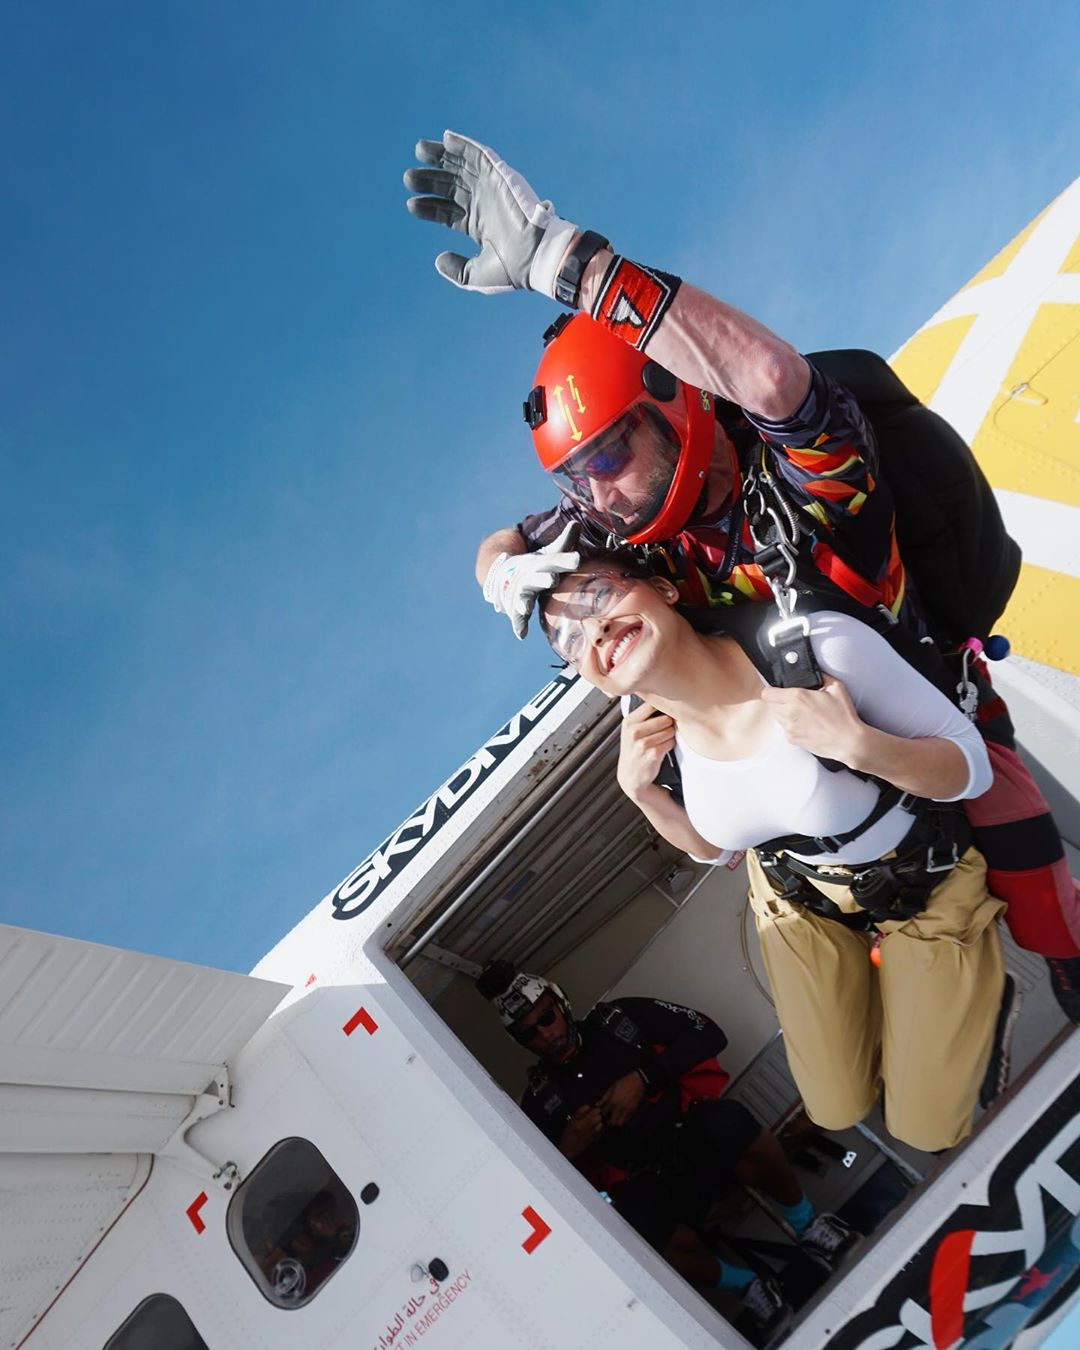 नेहमीच हॉट अंदाजात दिसणाऱ्या उर्वशीने नुकतंच दुबईत सुमारे २० हजार फुटांवरून स्कायडायविंग केलं.